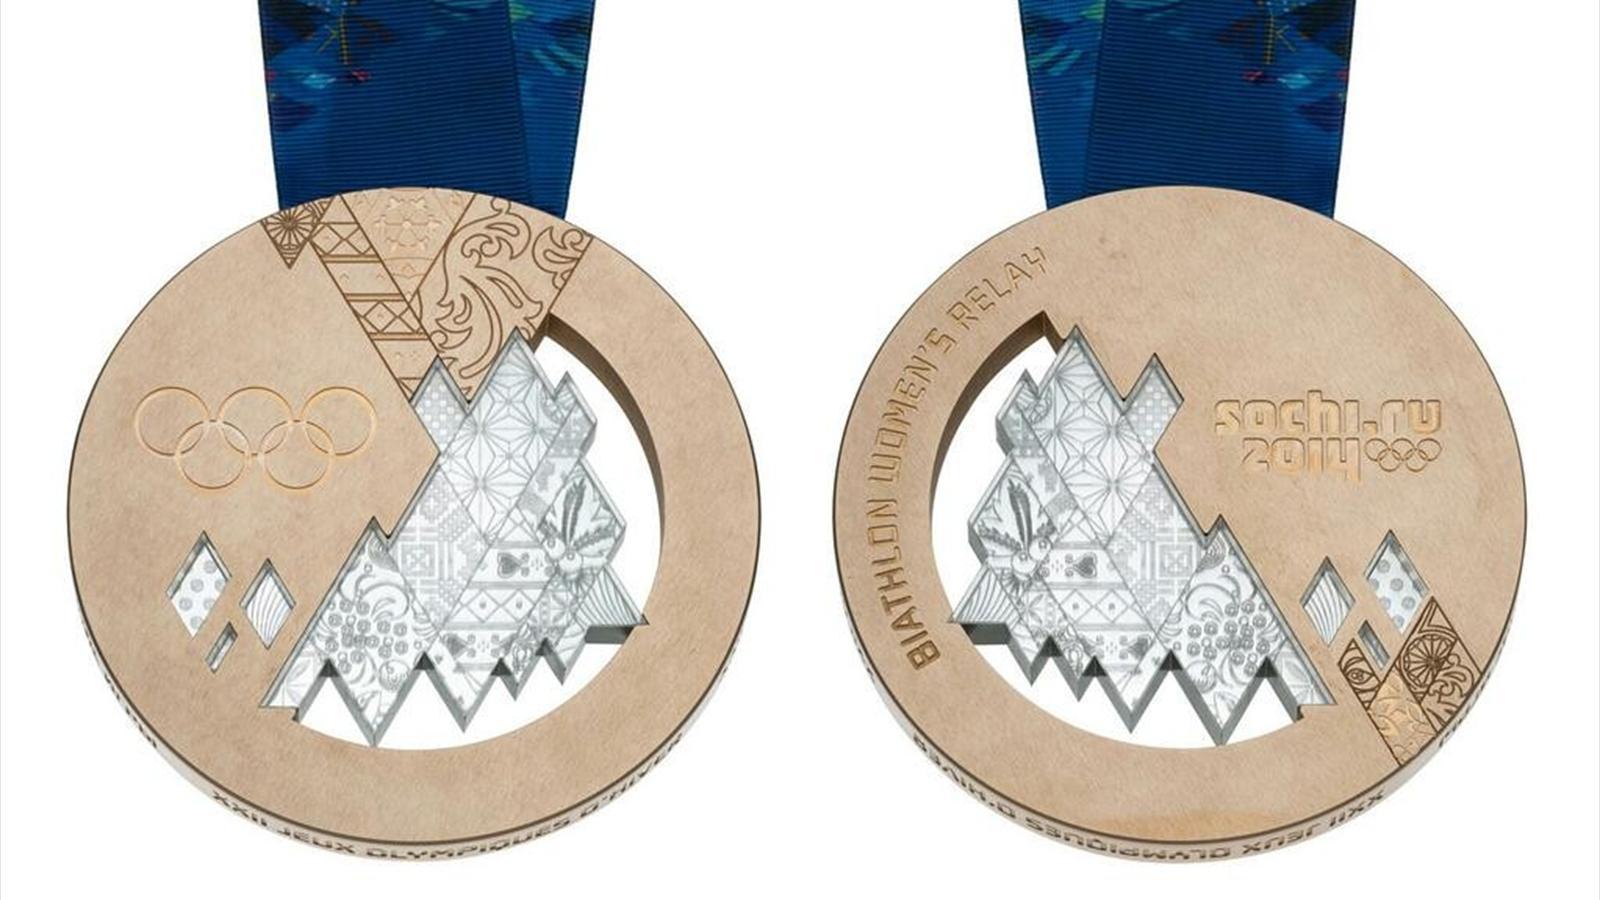 сочи олимпийские игры таблица медалей